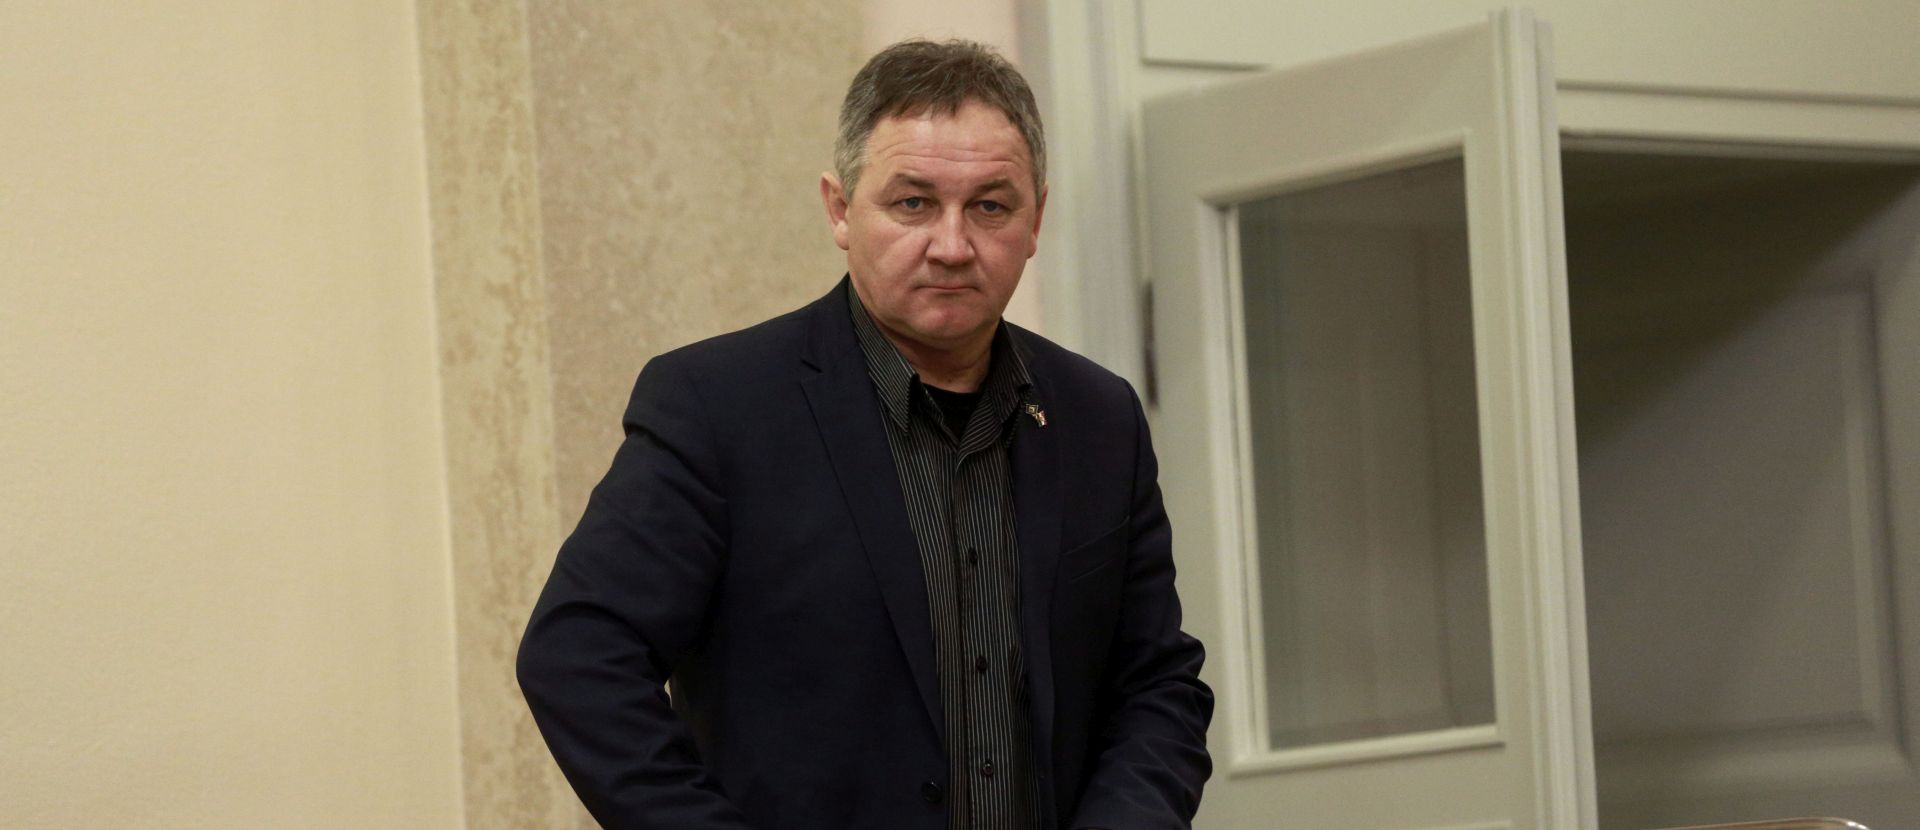 Sin Steve Culeja dobio posao u PU zagrebačkoj